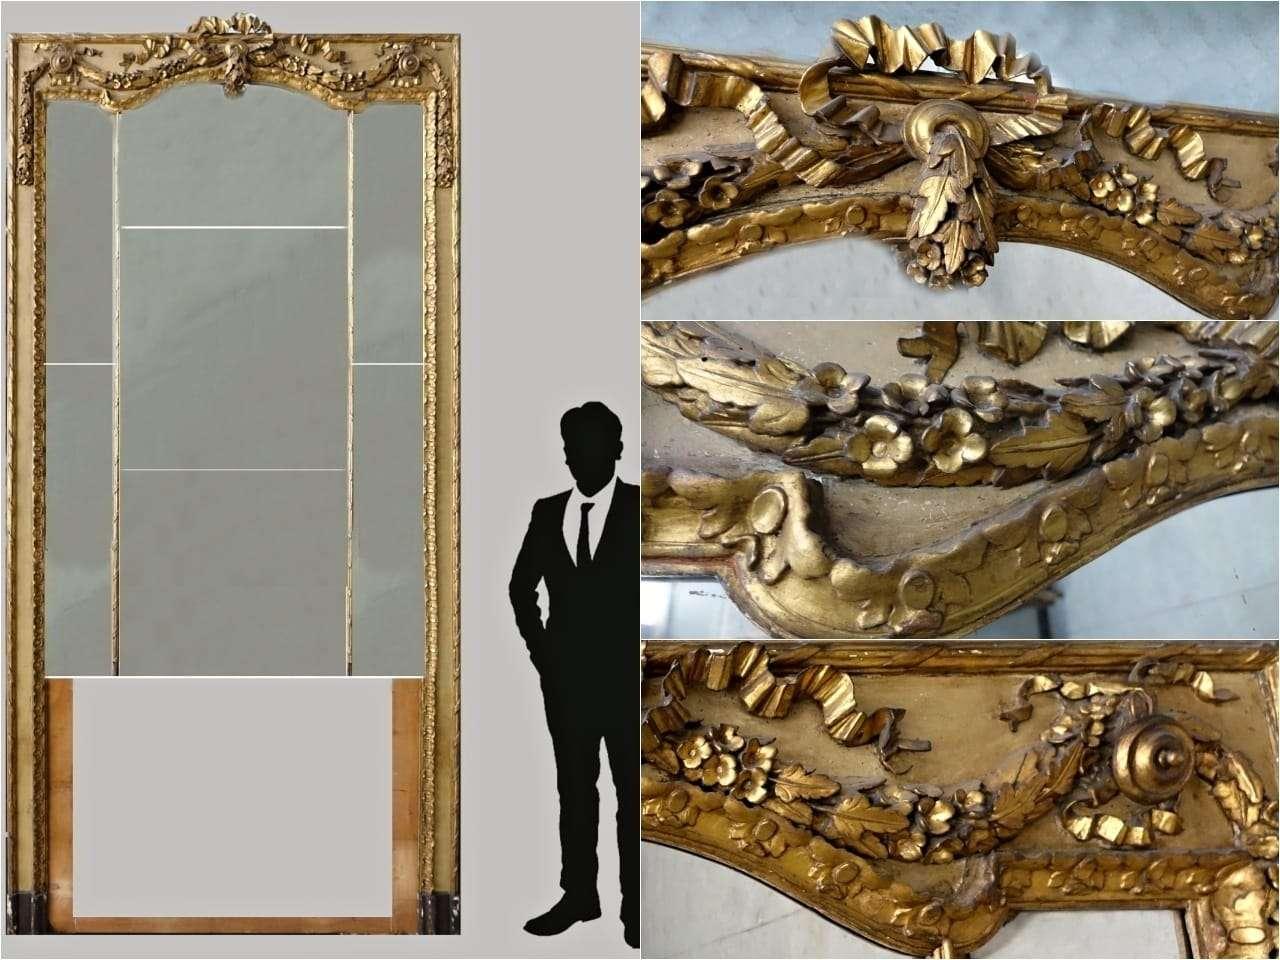 Grande specchiera dorata fondosala console Luigi XVI 1117002-13